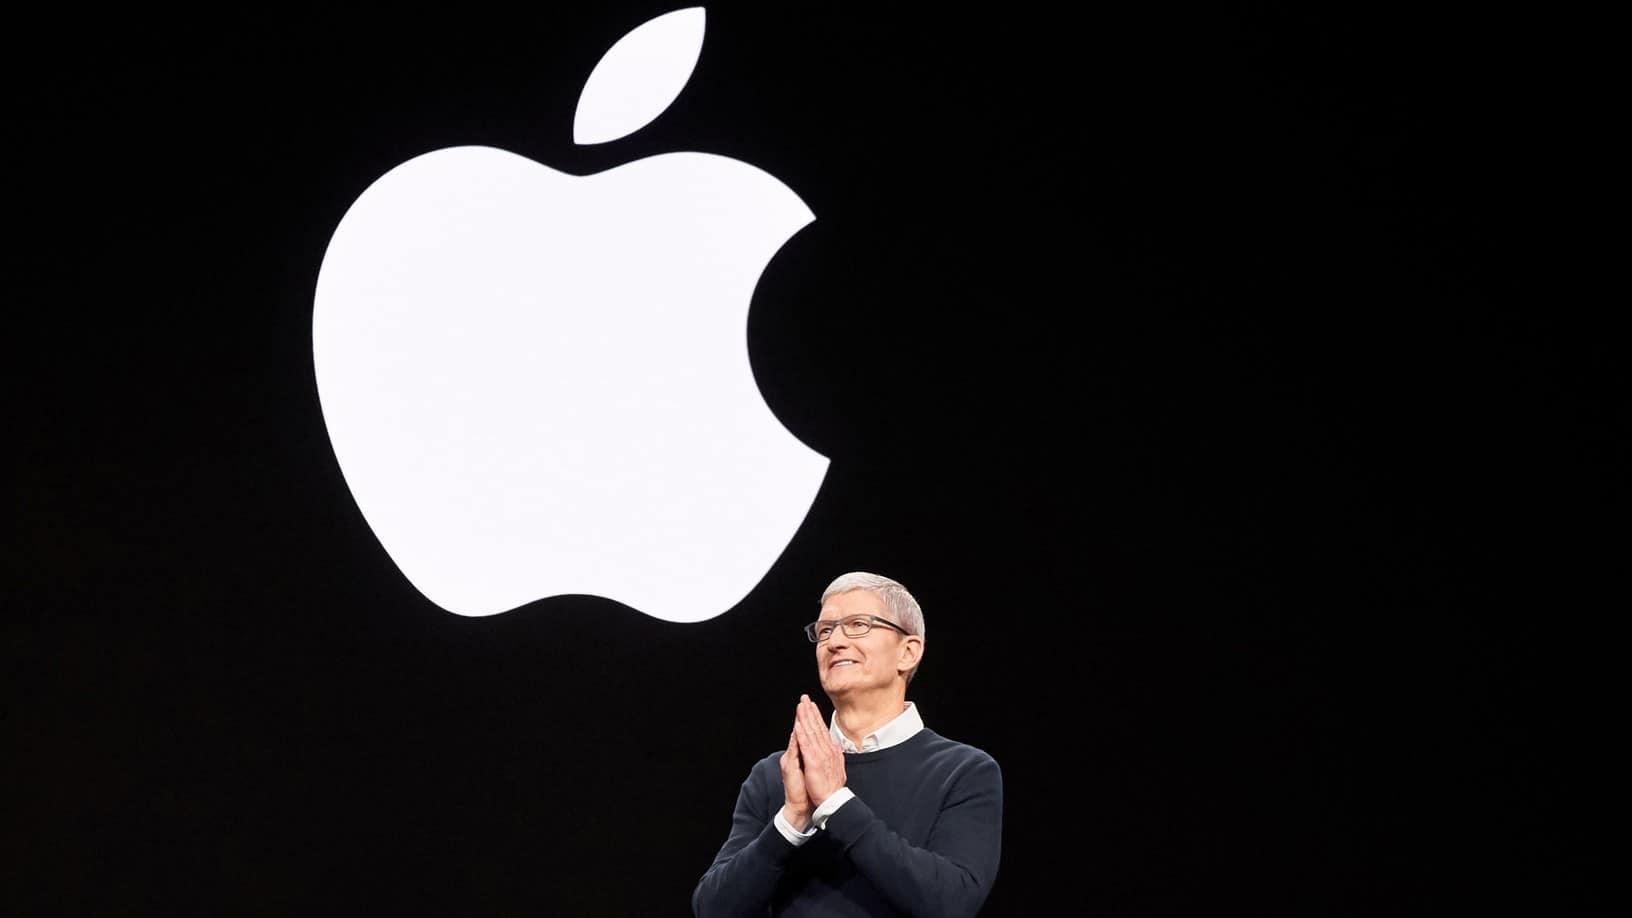 Apple hit a market cap of $2 trillion